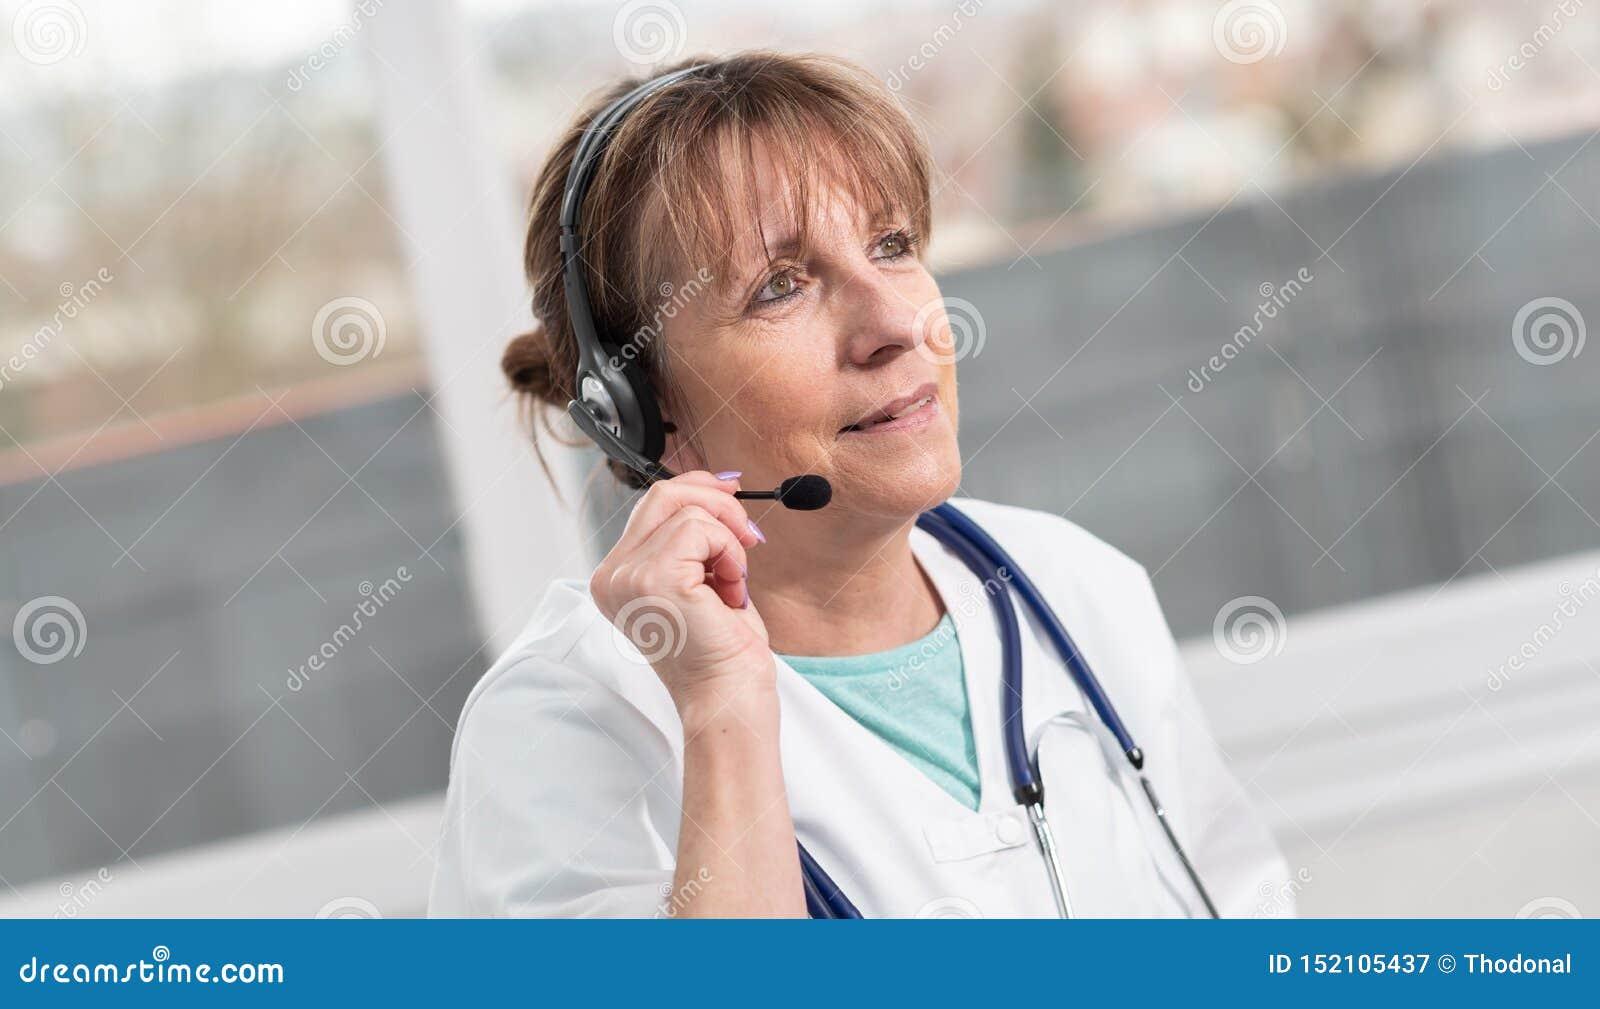 Retrato do doutor f?mea durante a consulta m?dica em linha